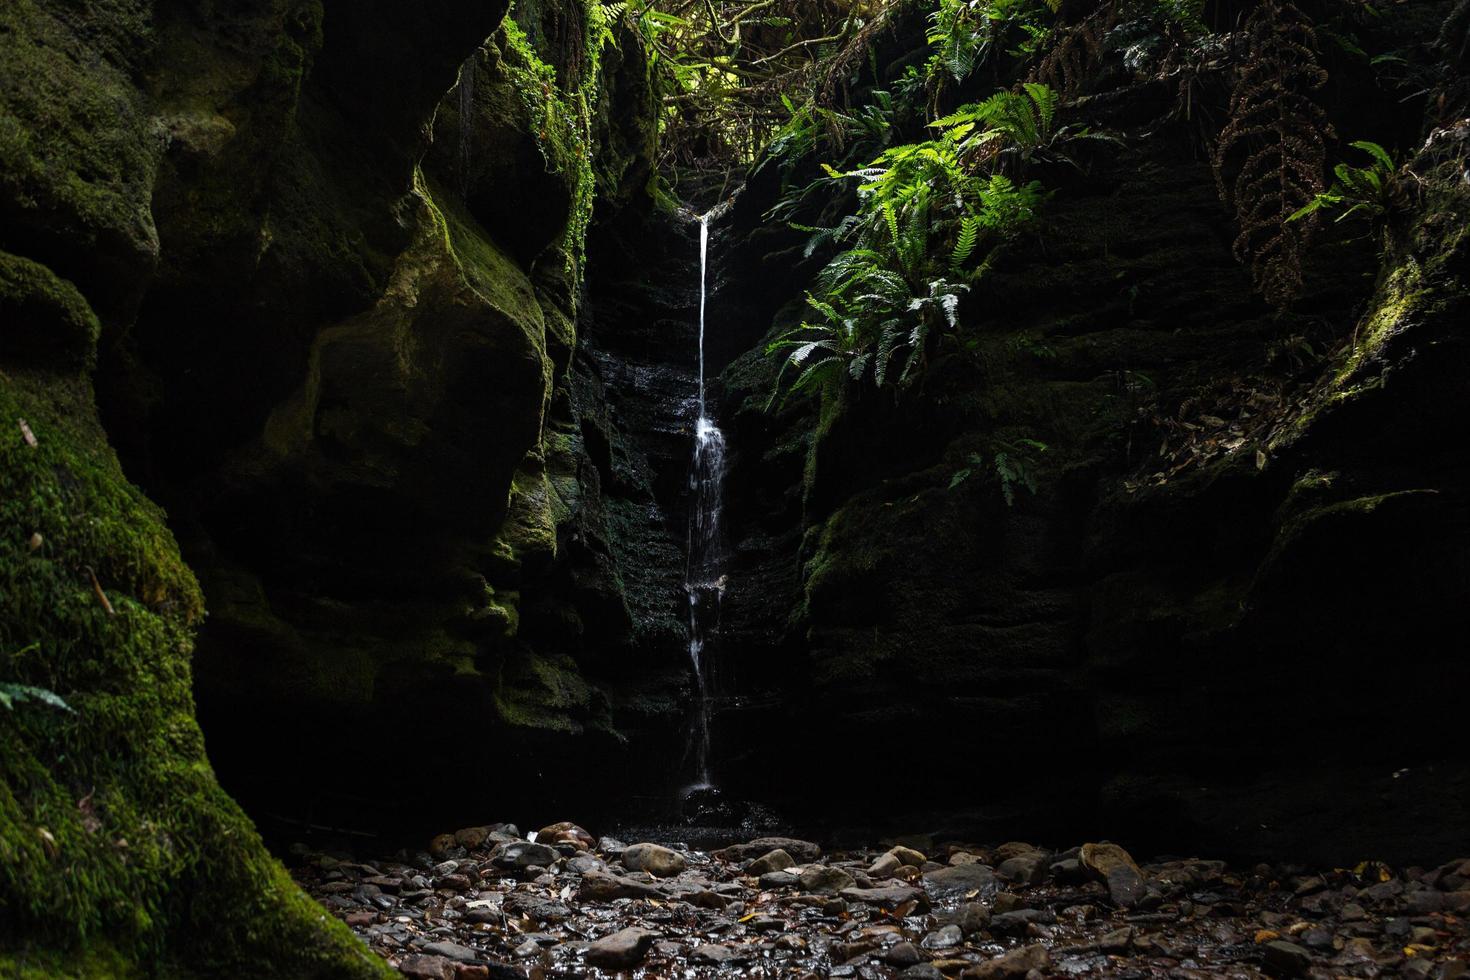 petite cascade entourée de mousse verte photo